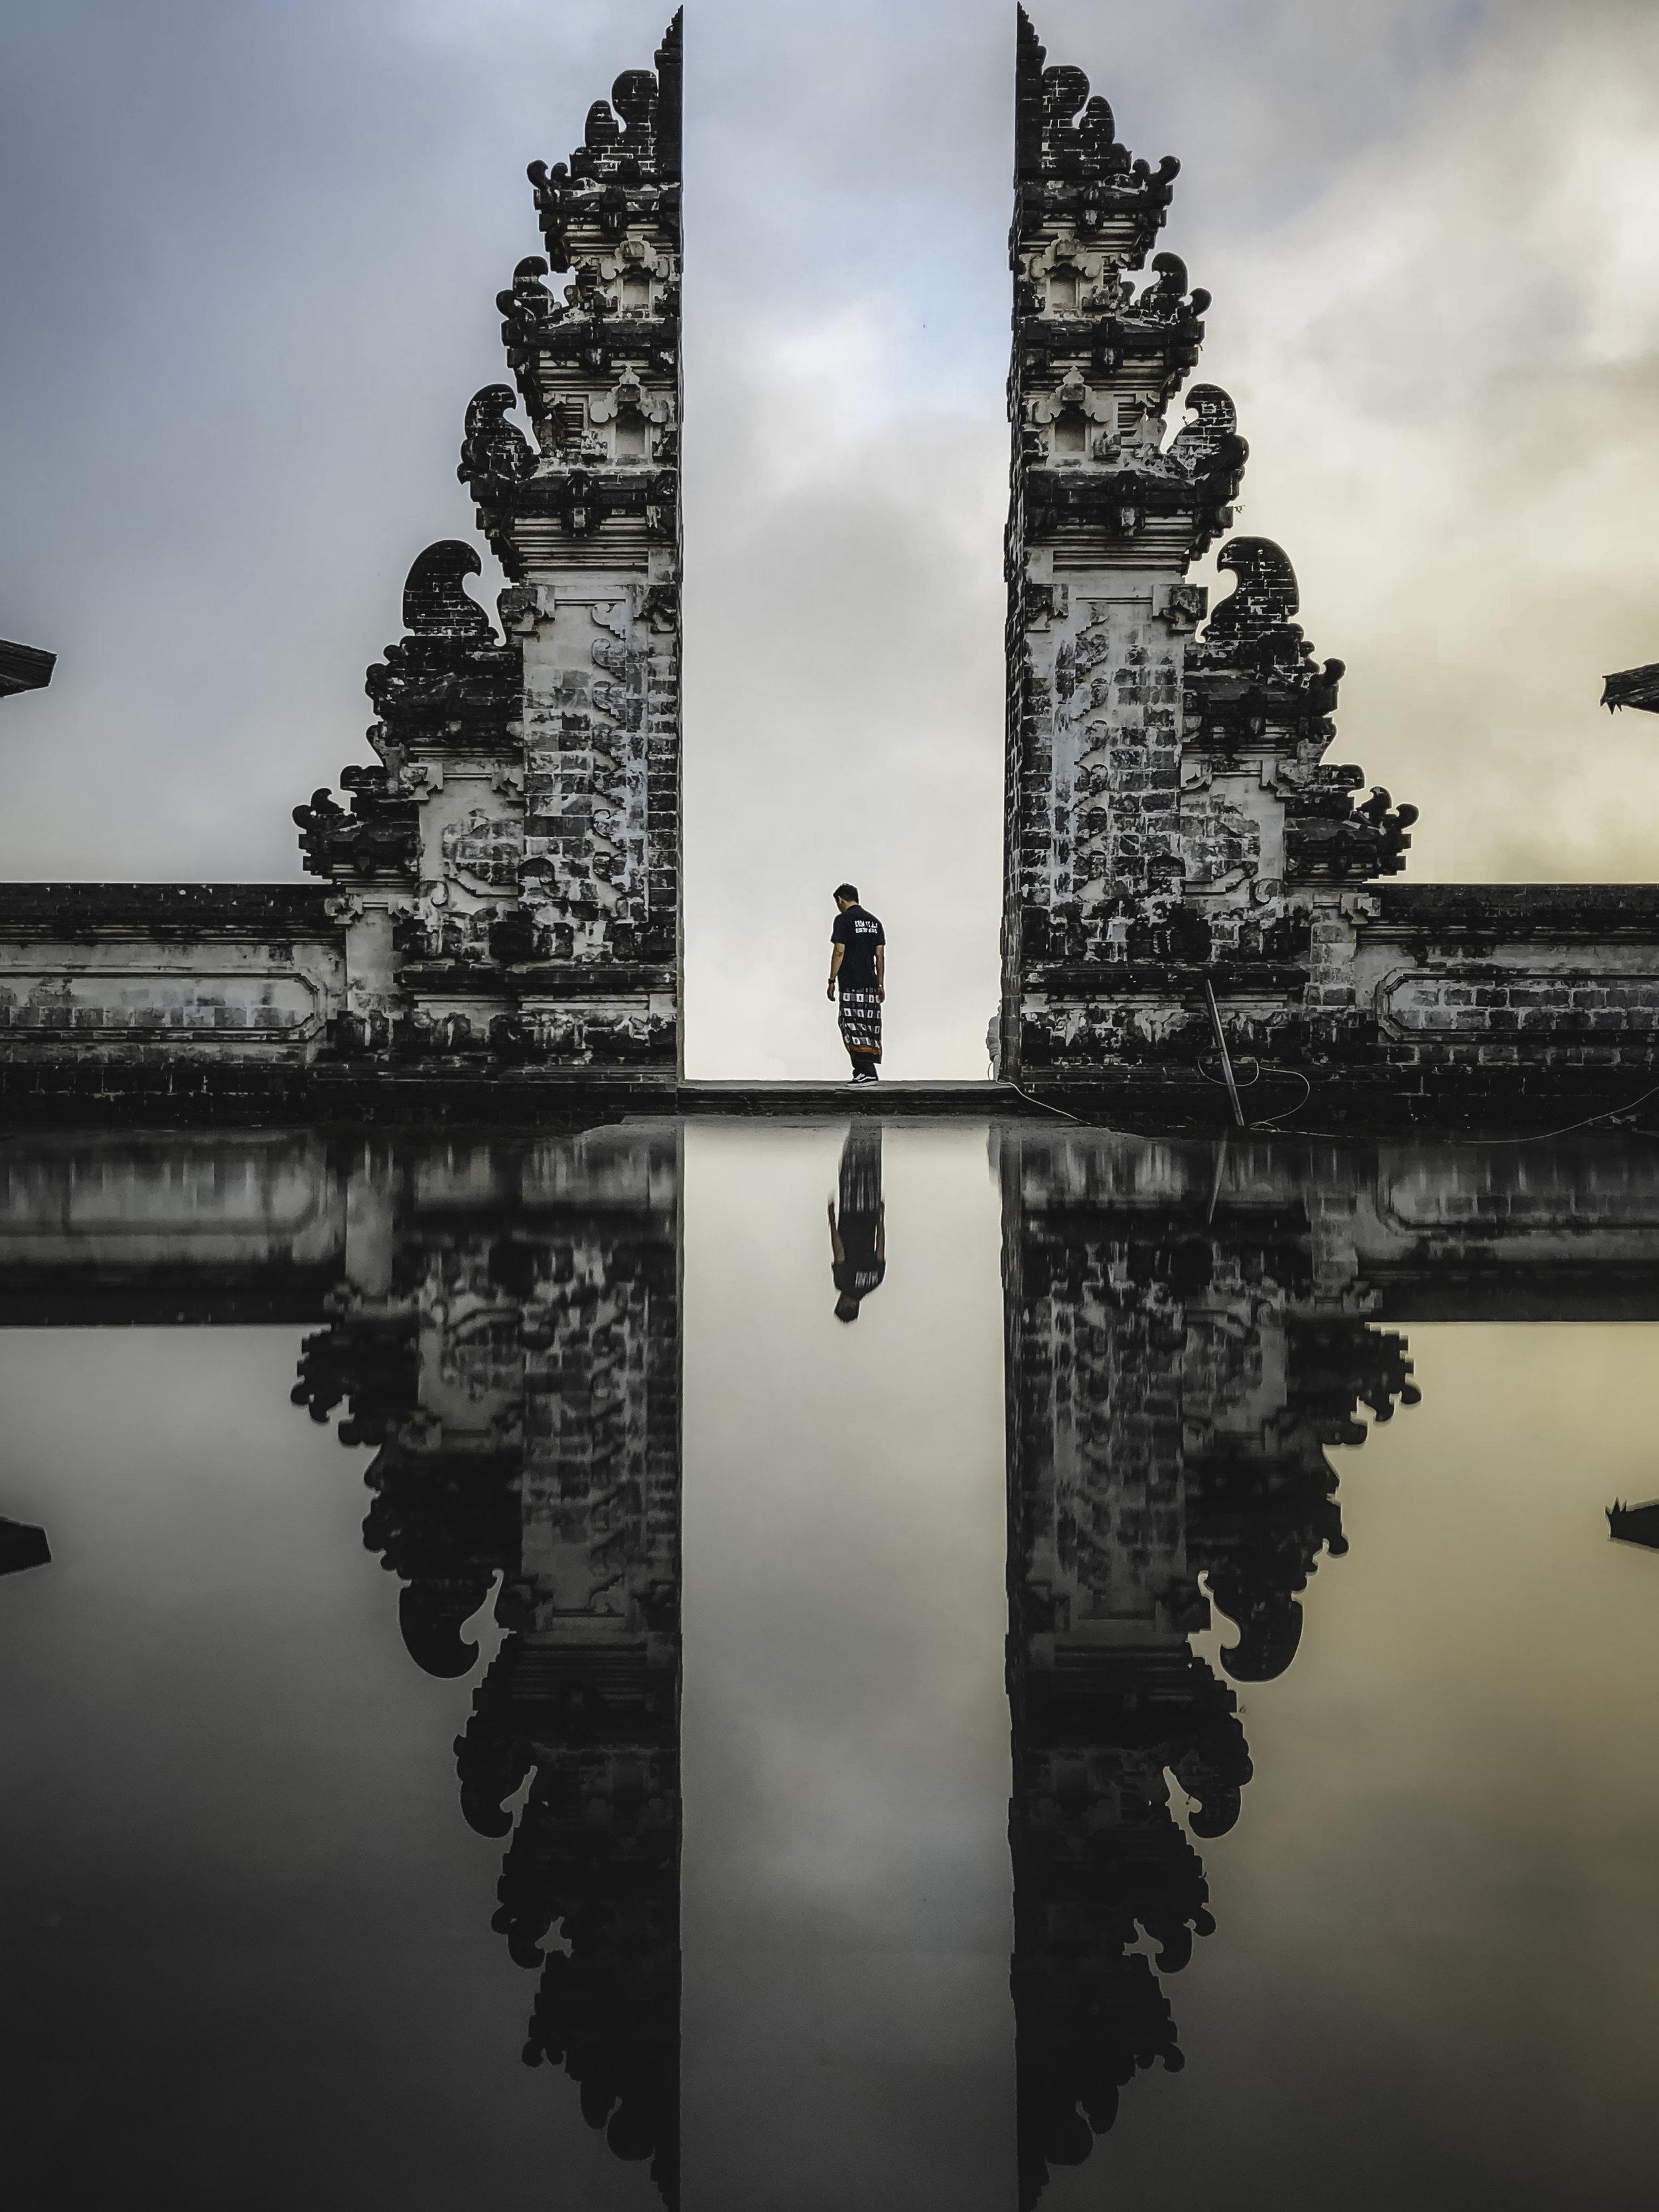 Bali, Indonesia - Muy pocos destinos en el Mundo destilan la energía y la mágia que destila Bali. Esta isla es un paraíso lleno de casacadas, volcanes, playas increíbles, terrazas de arroz y templos hindúes por todos lados. Aquí tu pareja y tú podrán pasarla súper con un presupuesto diario de $50 USD o menos (incluyendo el costo del hotel). Desde hoteles con vistas que parecen sacadas de una postal hasta alquilar una moto y perderse en la belleza natural y exótica de este paraiso. Bali le regalará a tu relación un tiempo de aventura como nunca antes habían tenido. Porbablemente, de que aquí no solo se llevarán los mejores recuerdos, sino también las mejores fotos.